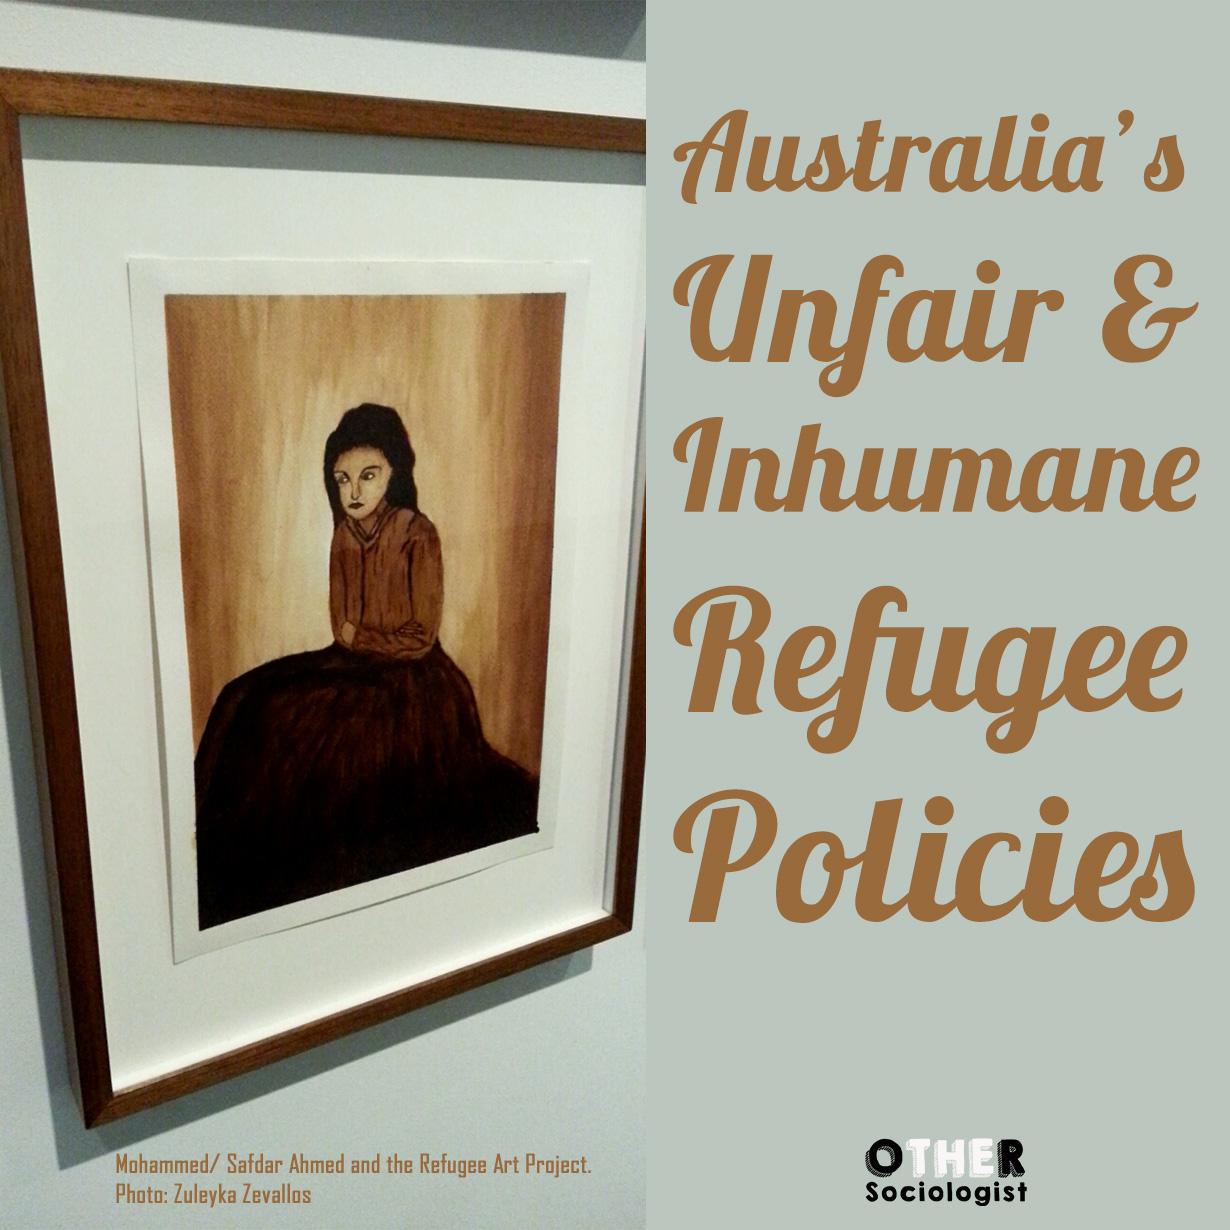 Australia's Unfair and Inhumane Refugee Policies